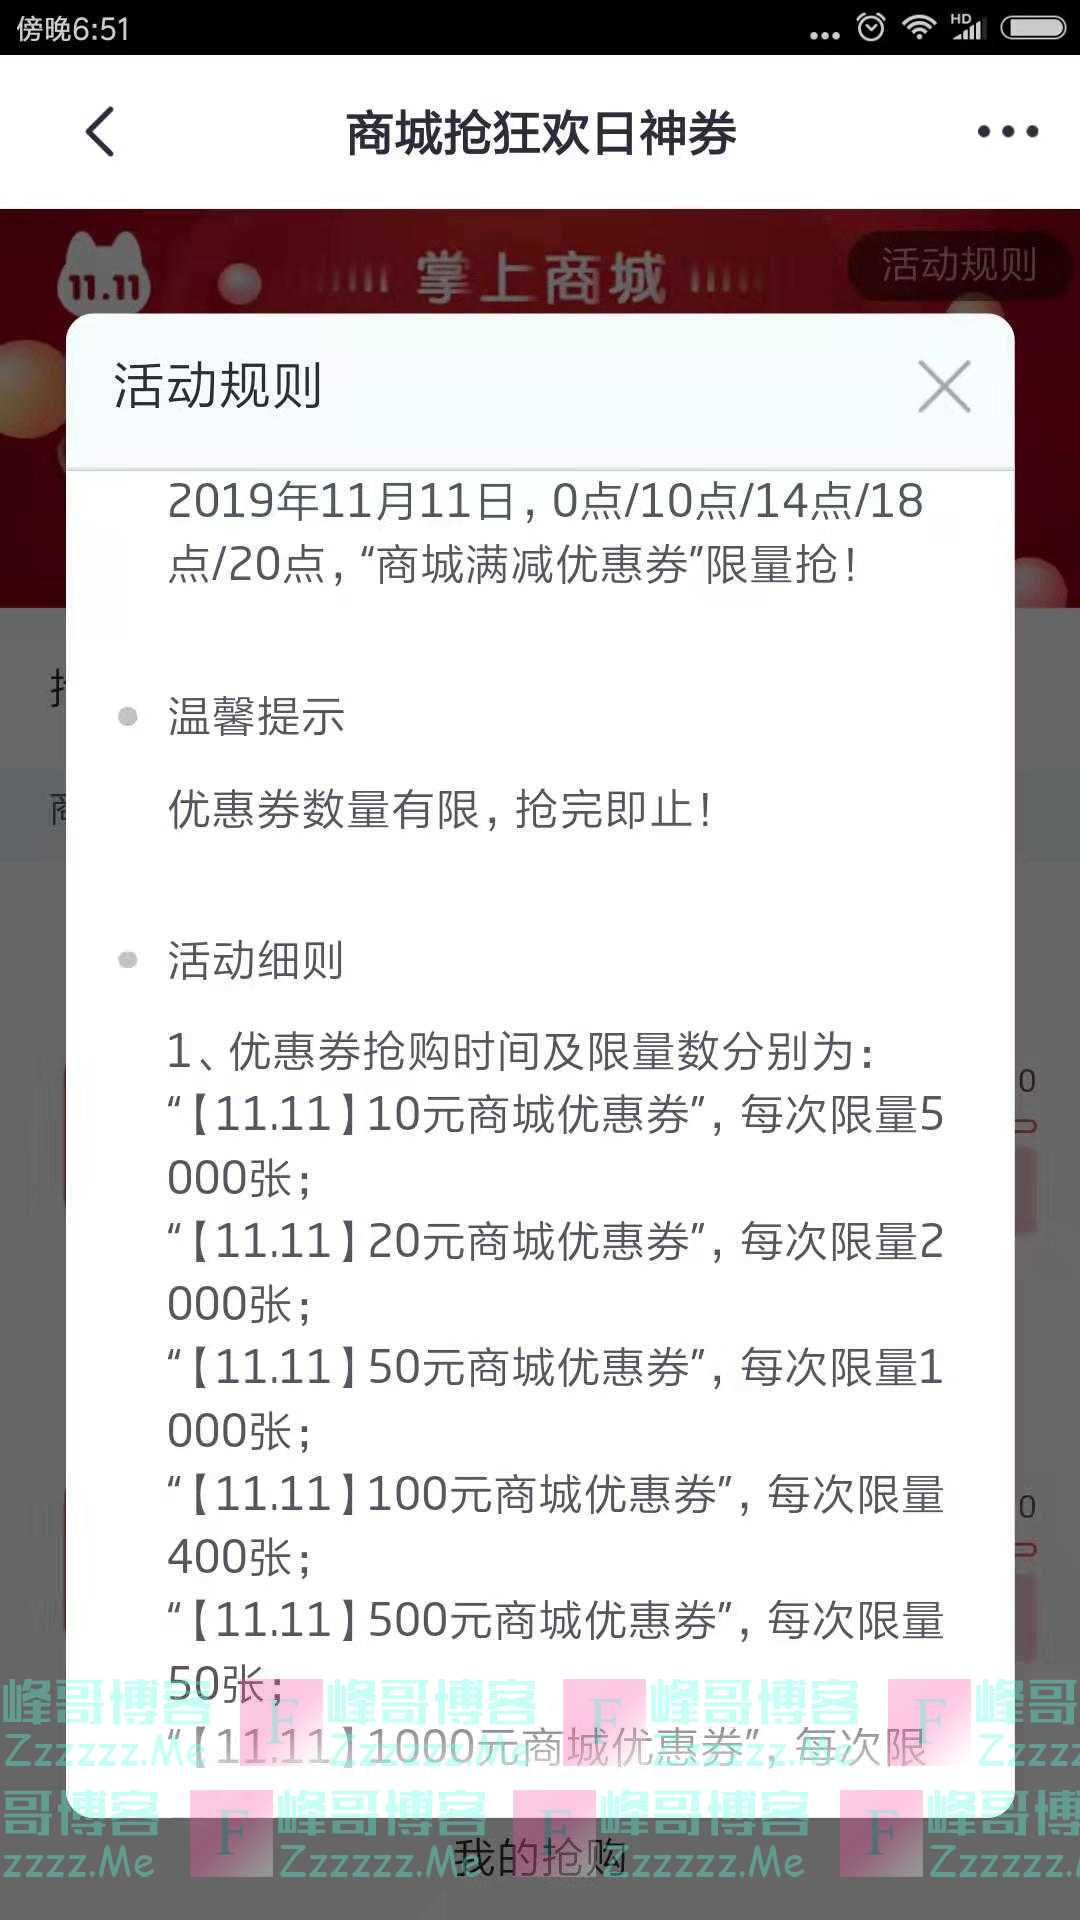 掌上生活商城抢狂欢日神券(截止11月11日)